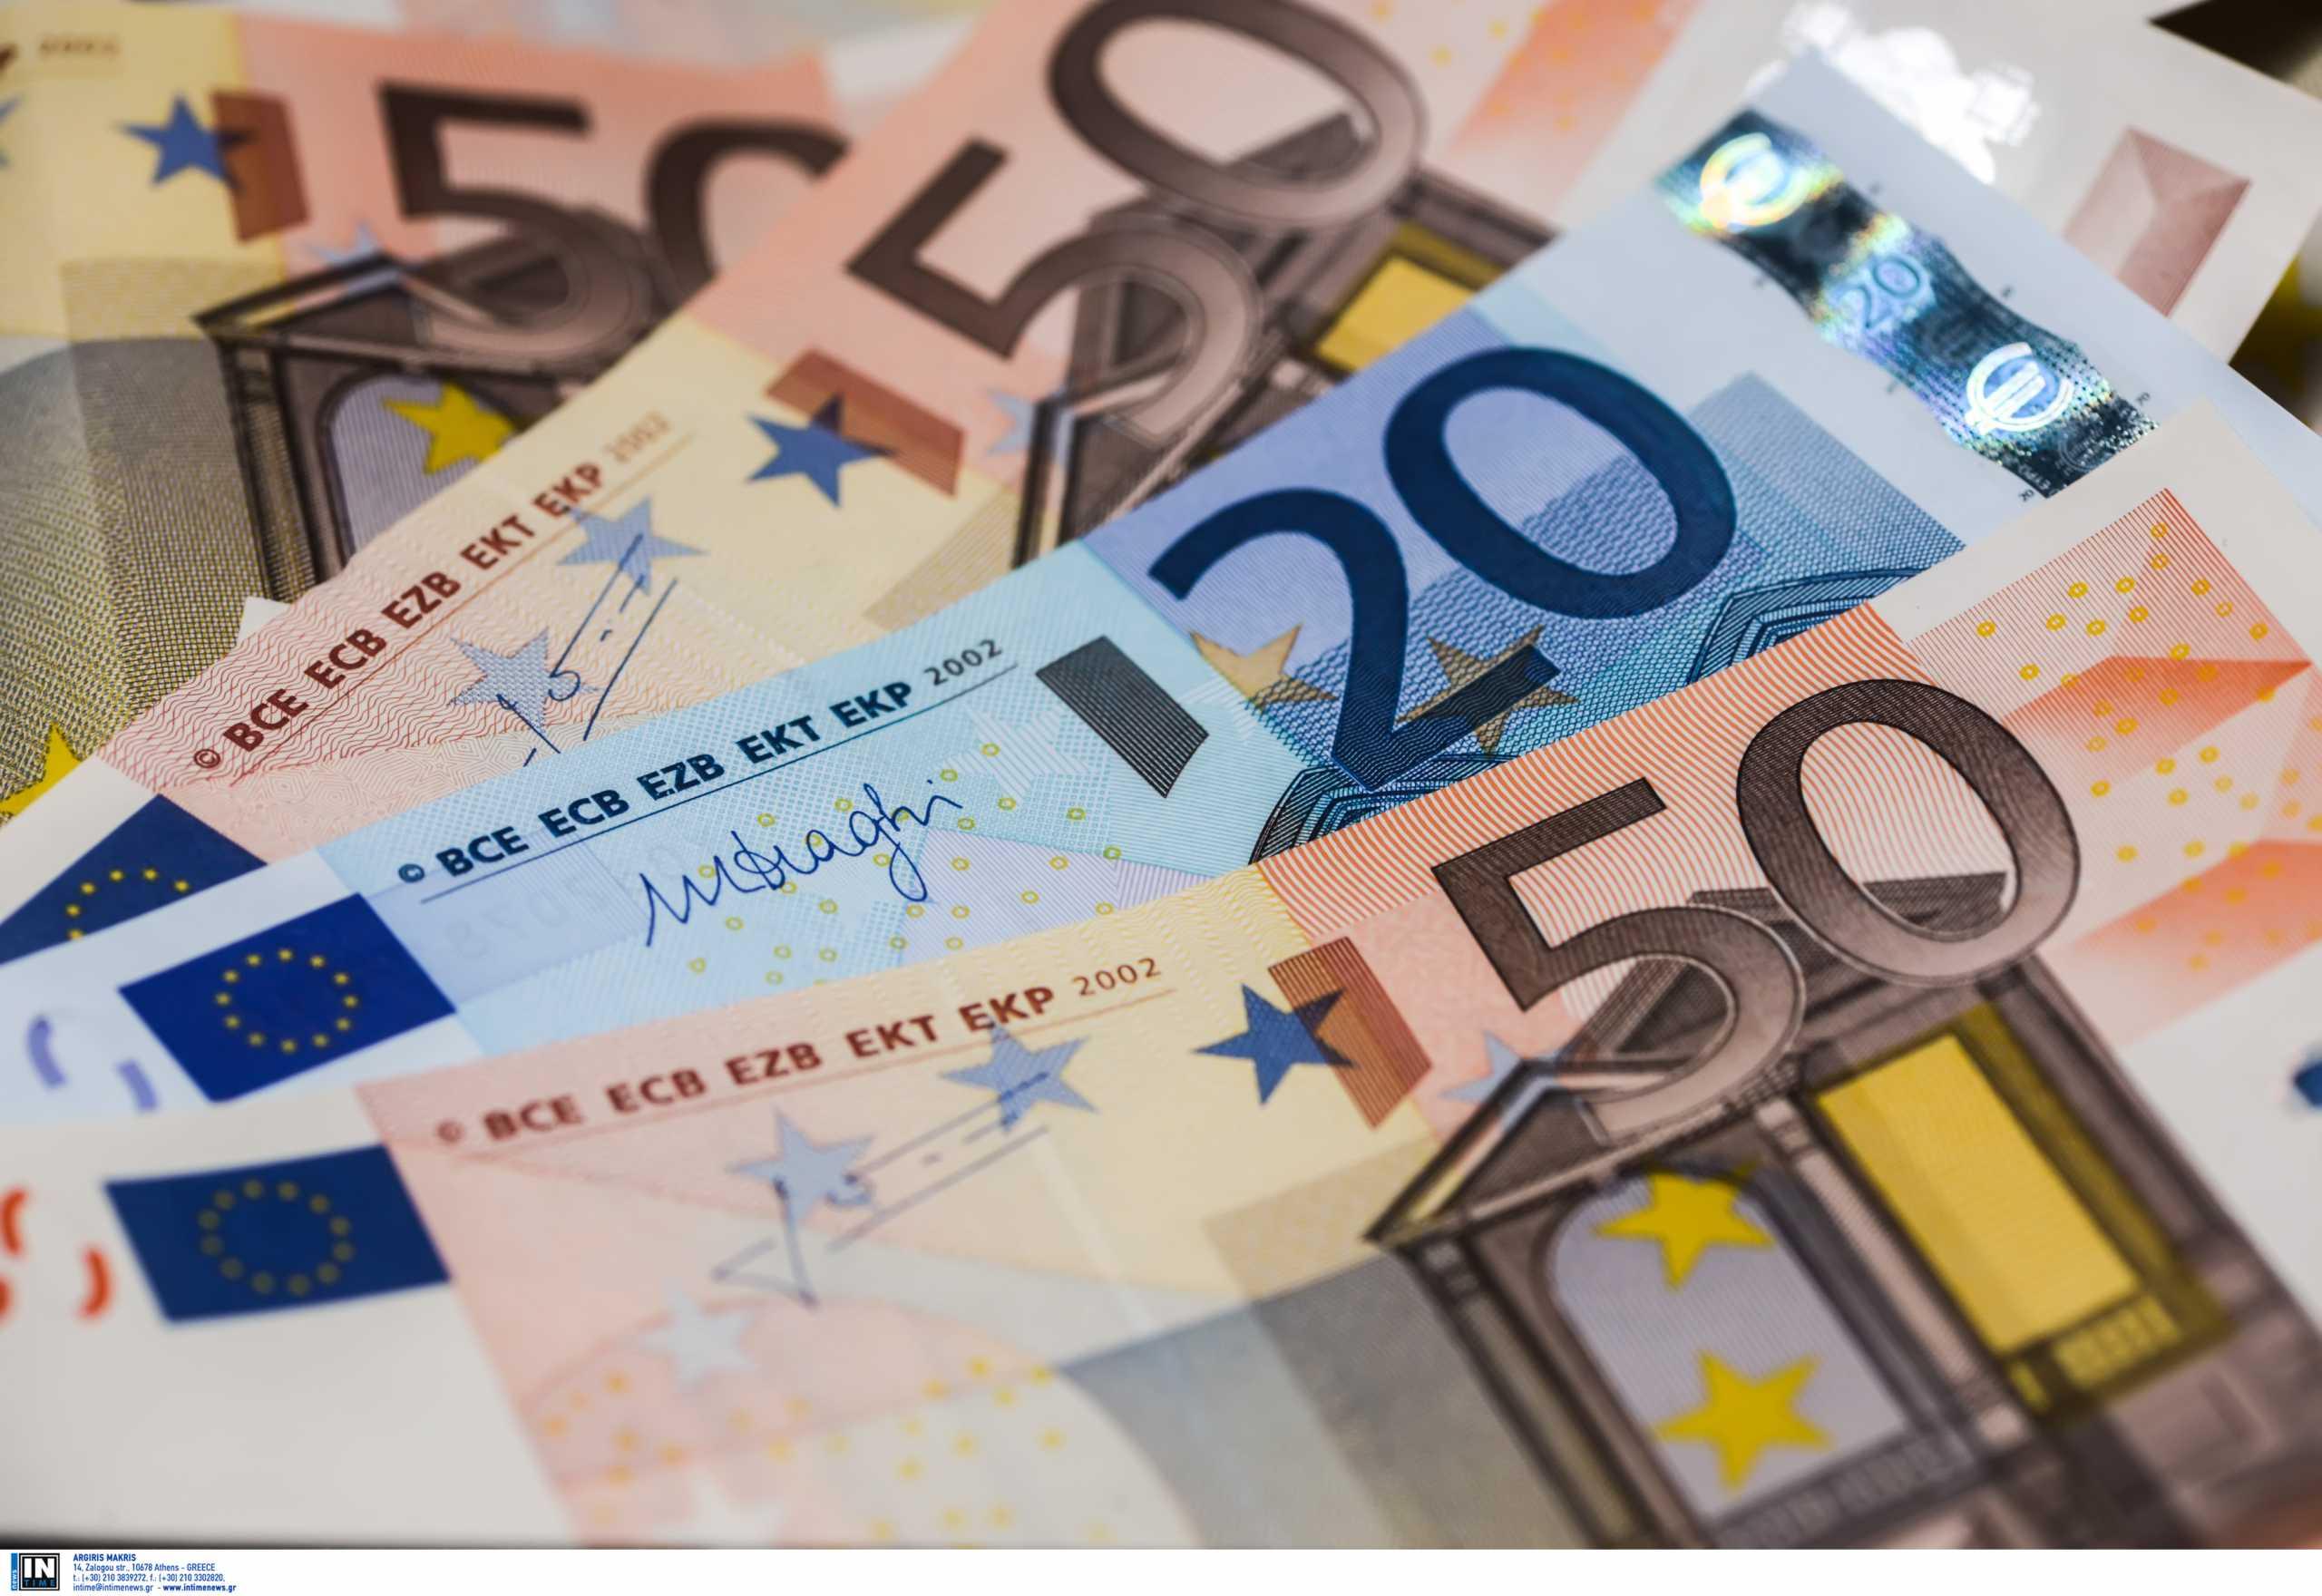 Επίδομα 534 ευρώ: Νέα πληρωμή σήμερα – Ποιους αφορά